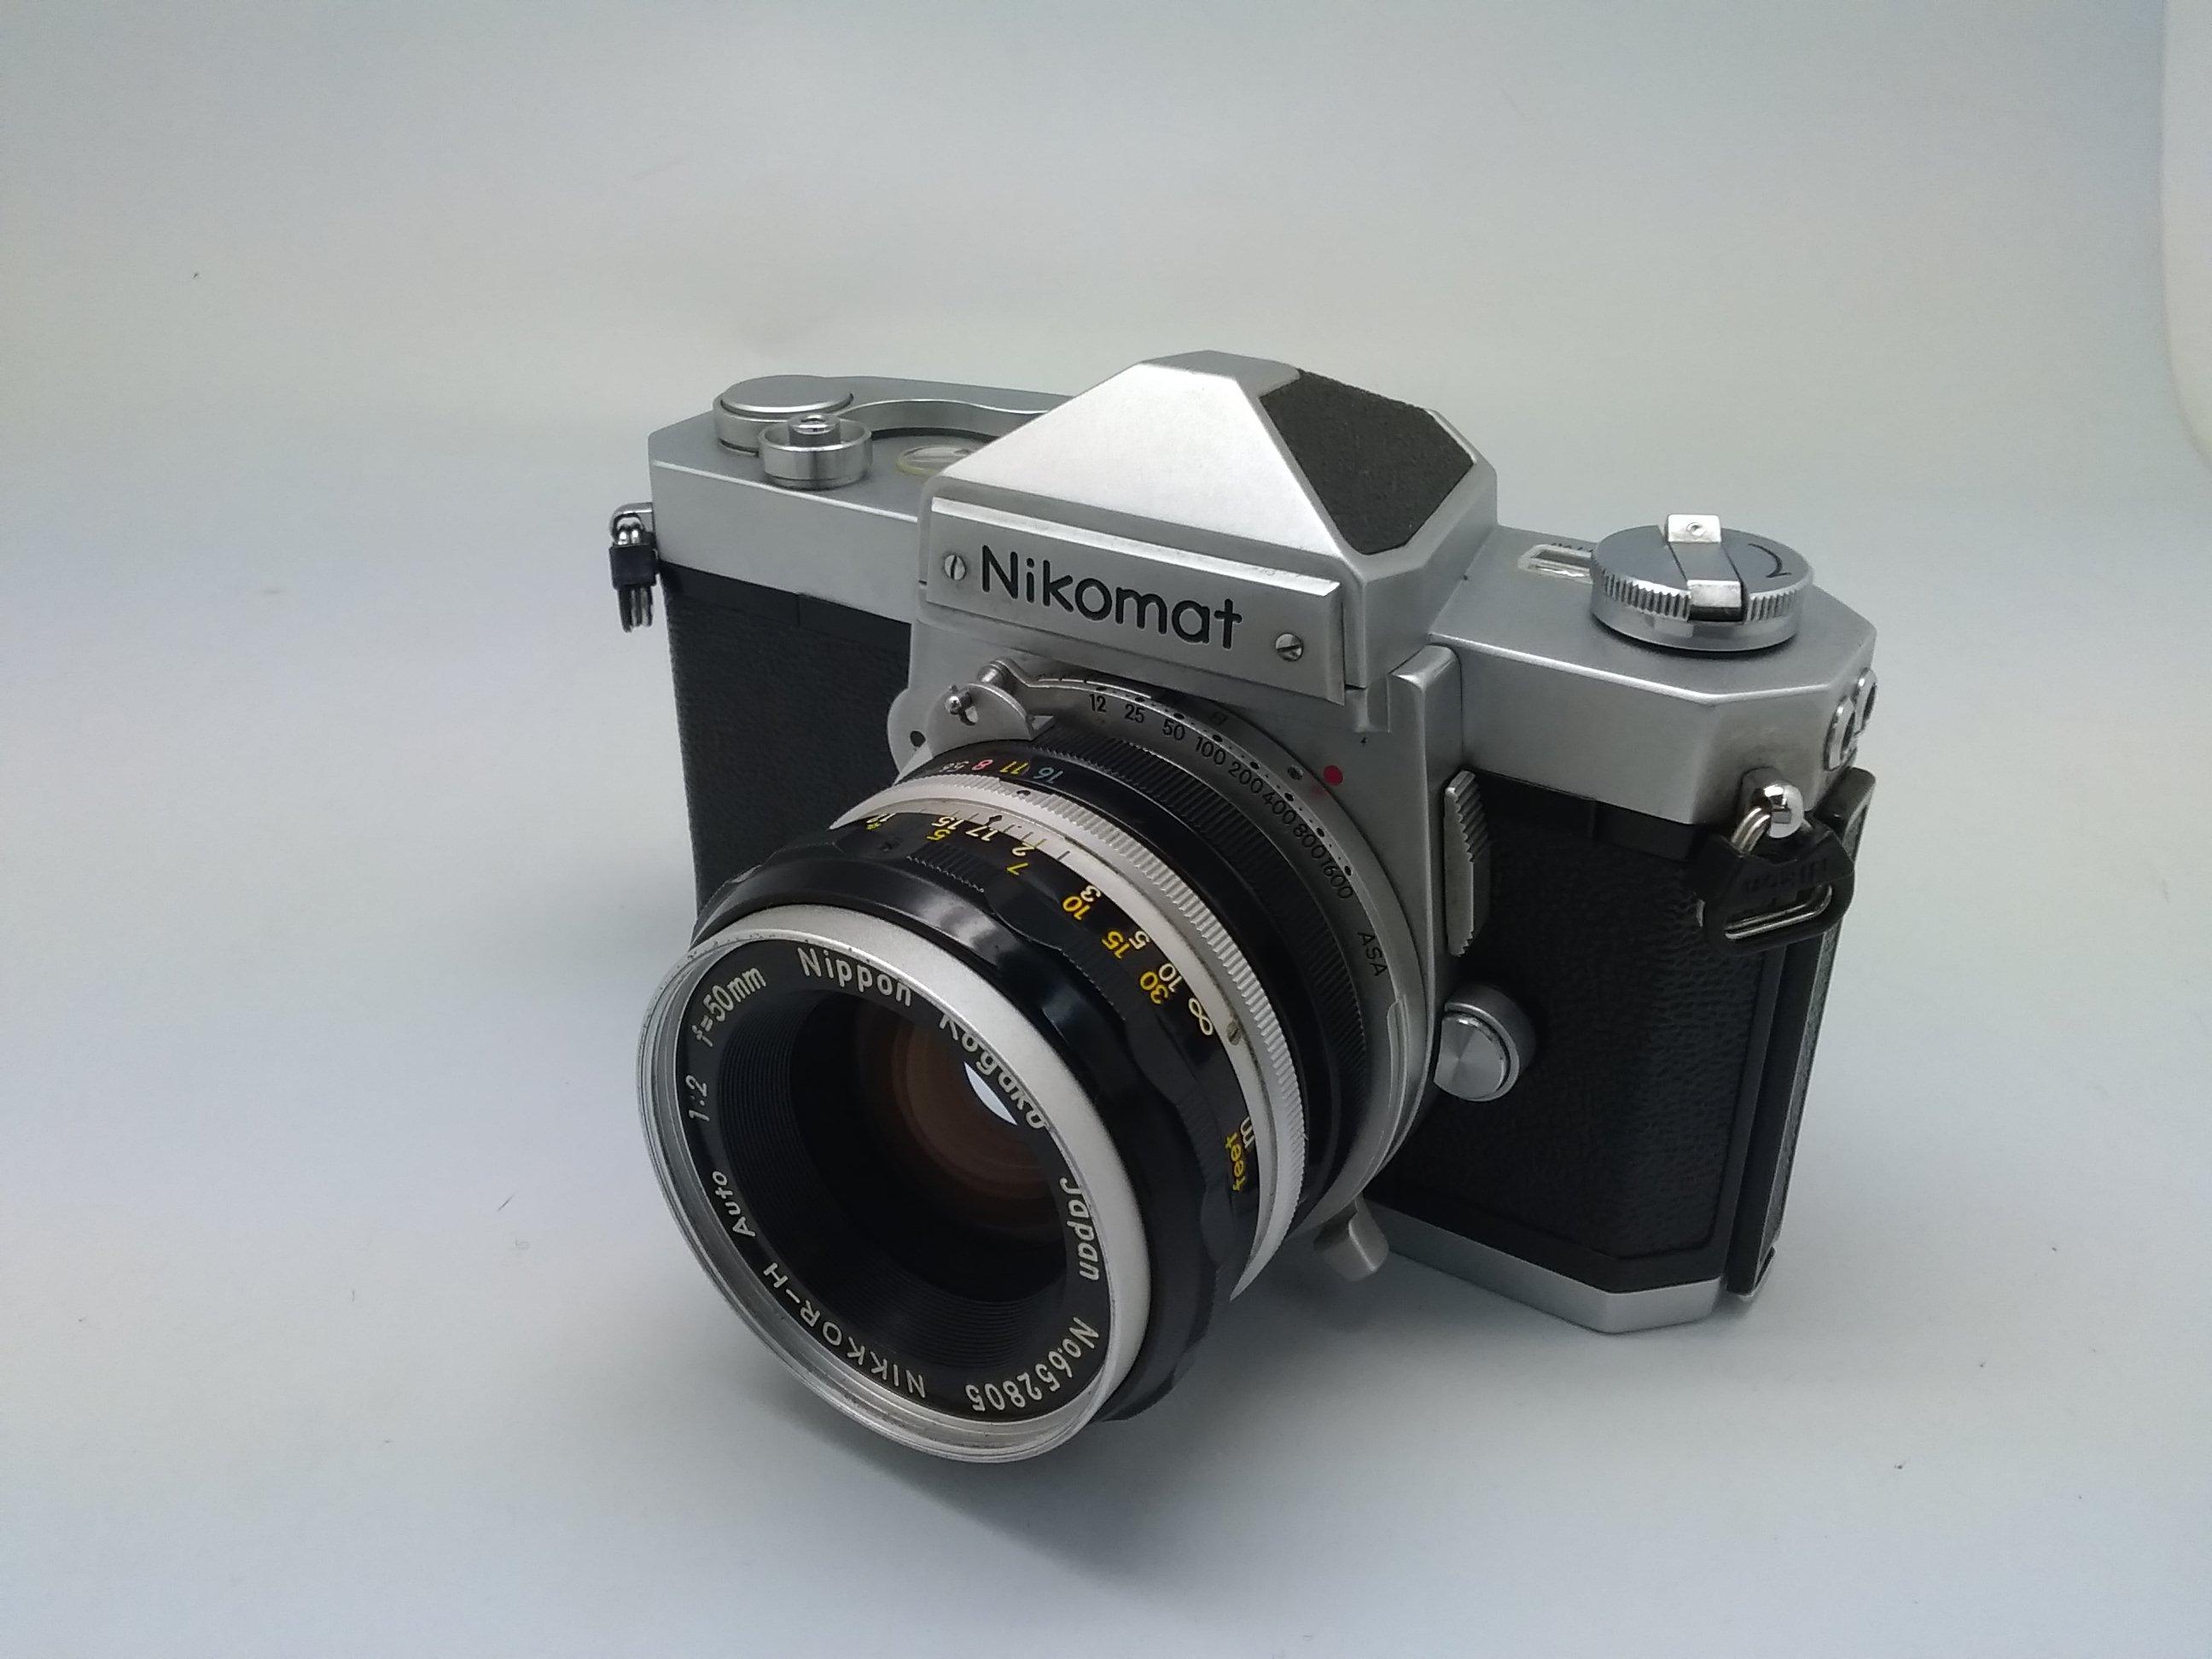 一眼レフ Nicomat FT 50mm f:2|NIKON